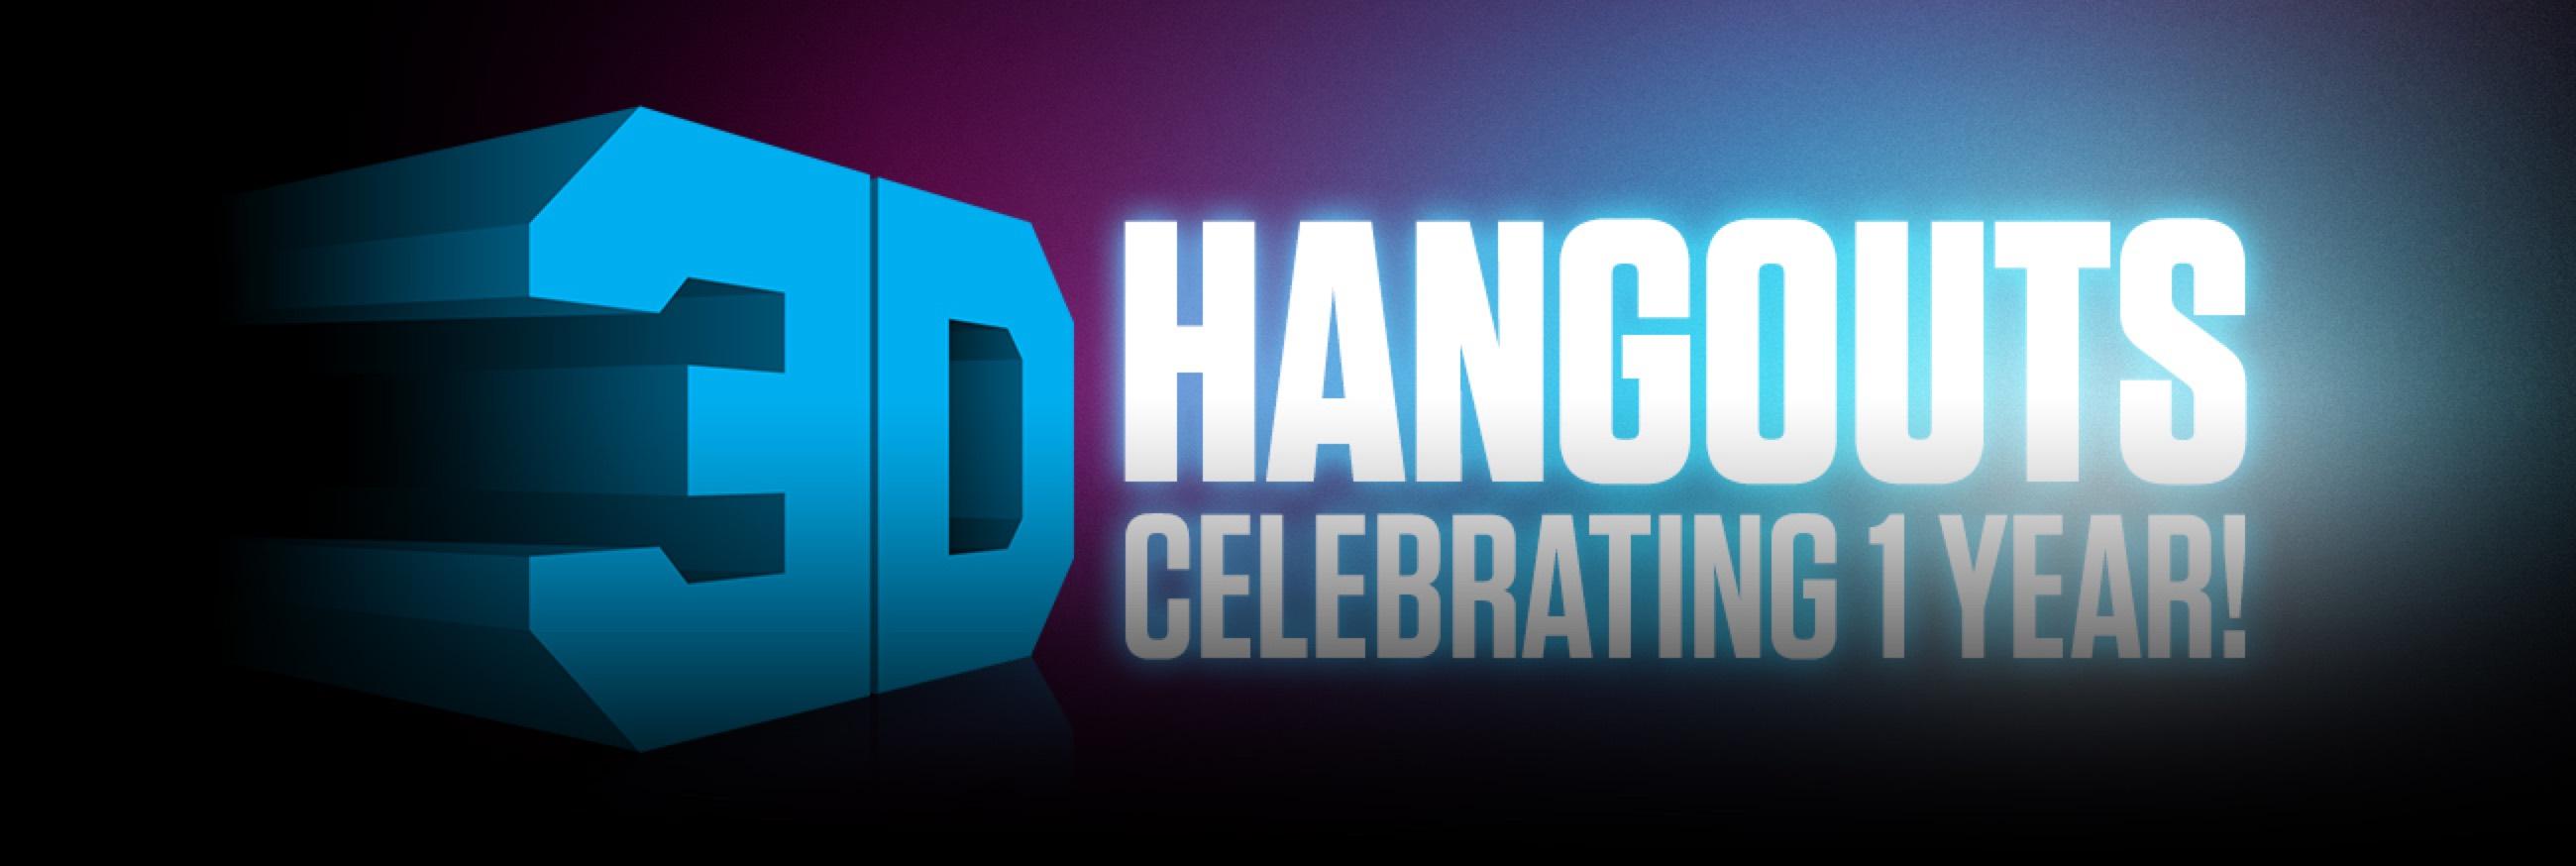 Adafruit 3D Hangouts 1Yr Blog